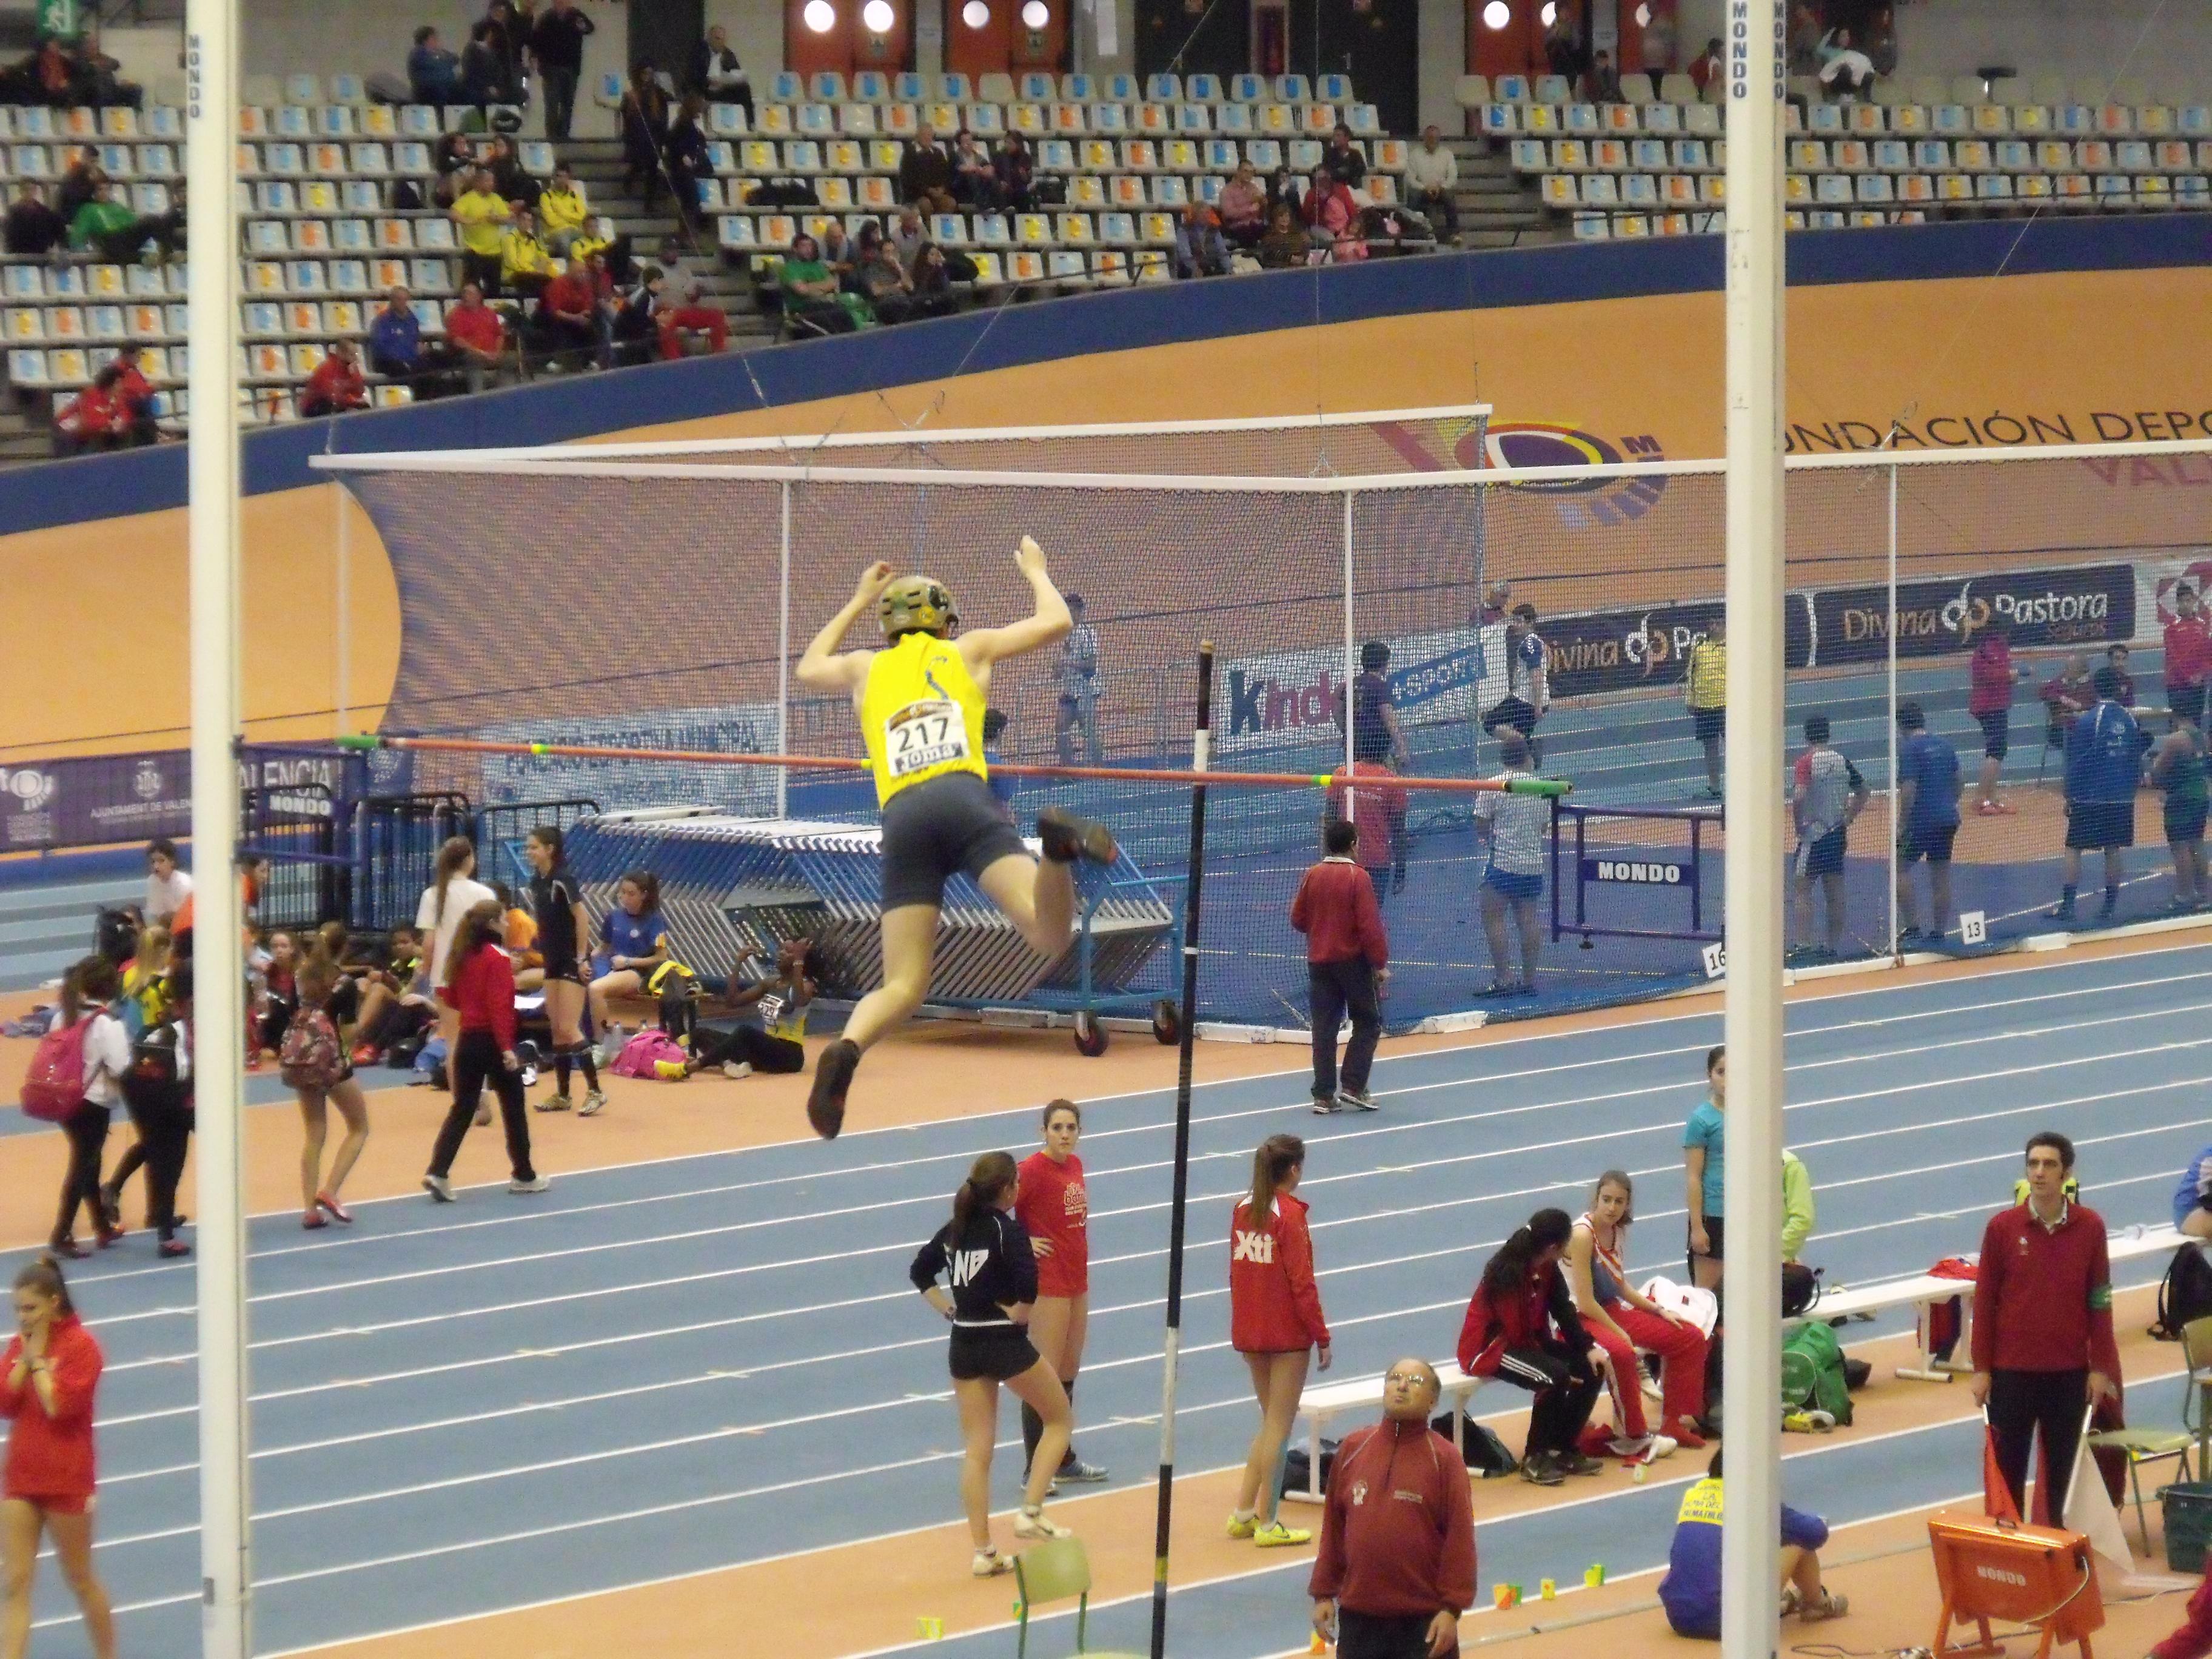 [ Salto con pértiga durante los campeonatos. Fotografía de 19Tarrestnom65, bajo licencia CC-BY-SA 3.0 ]